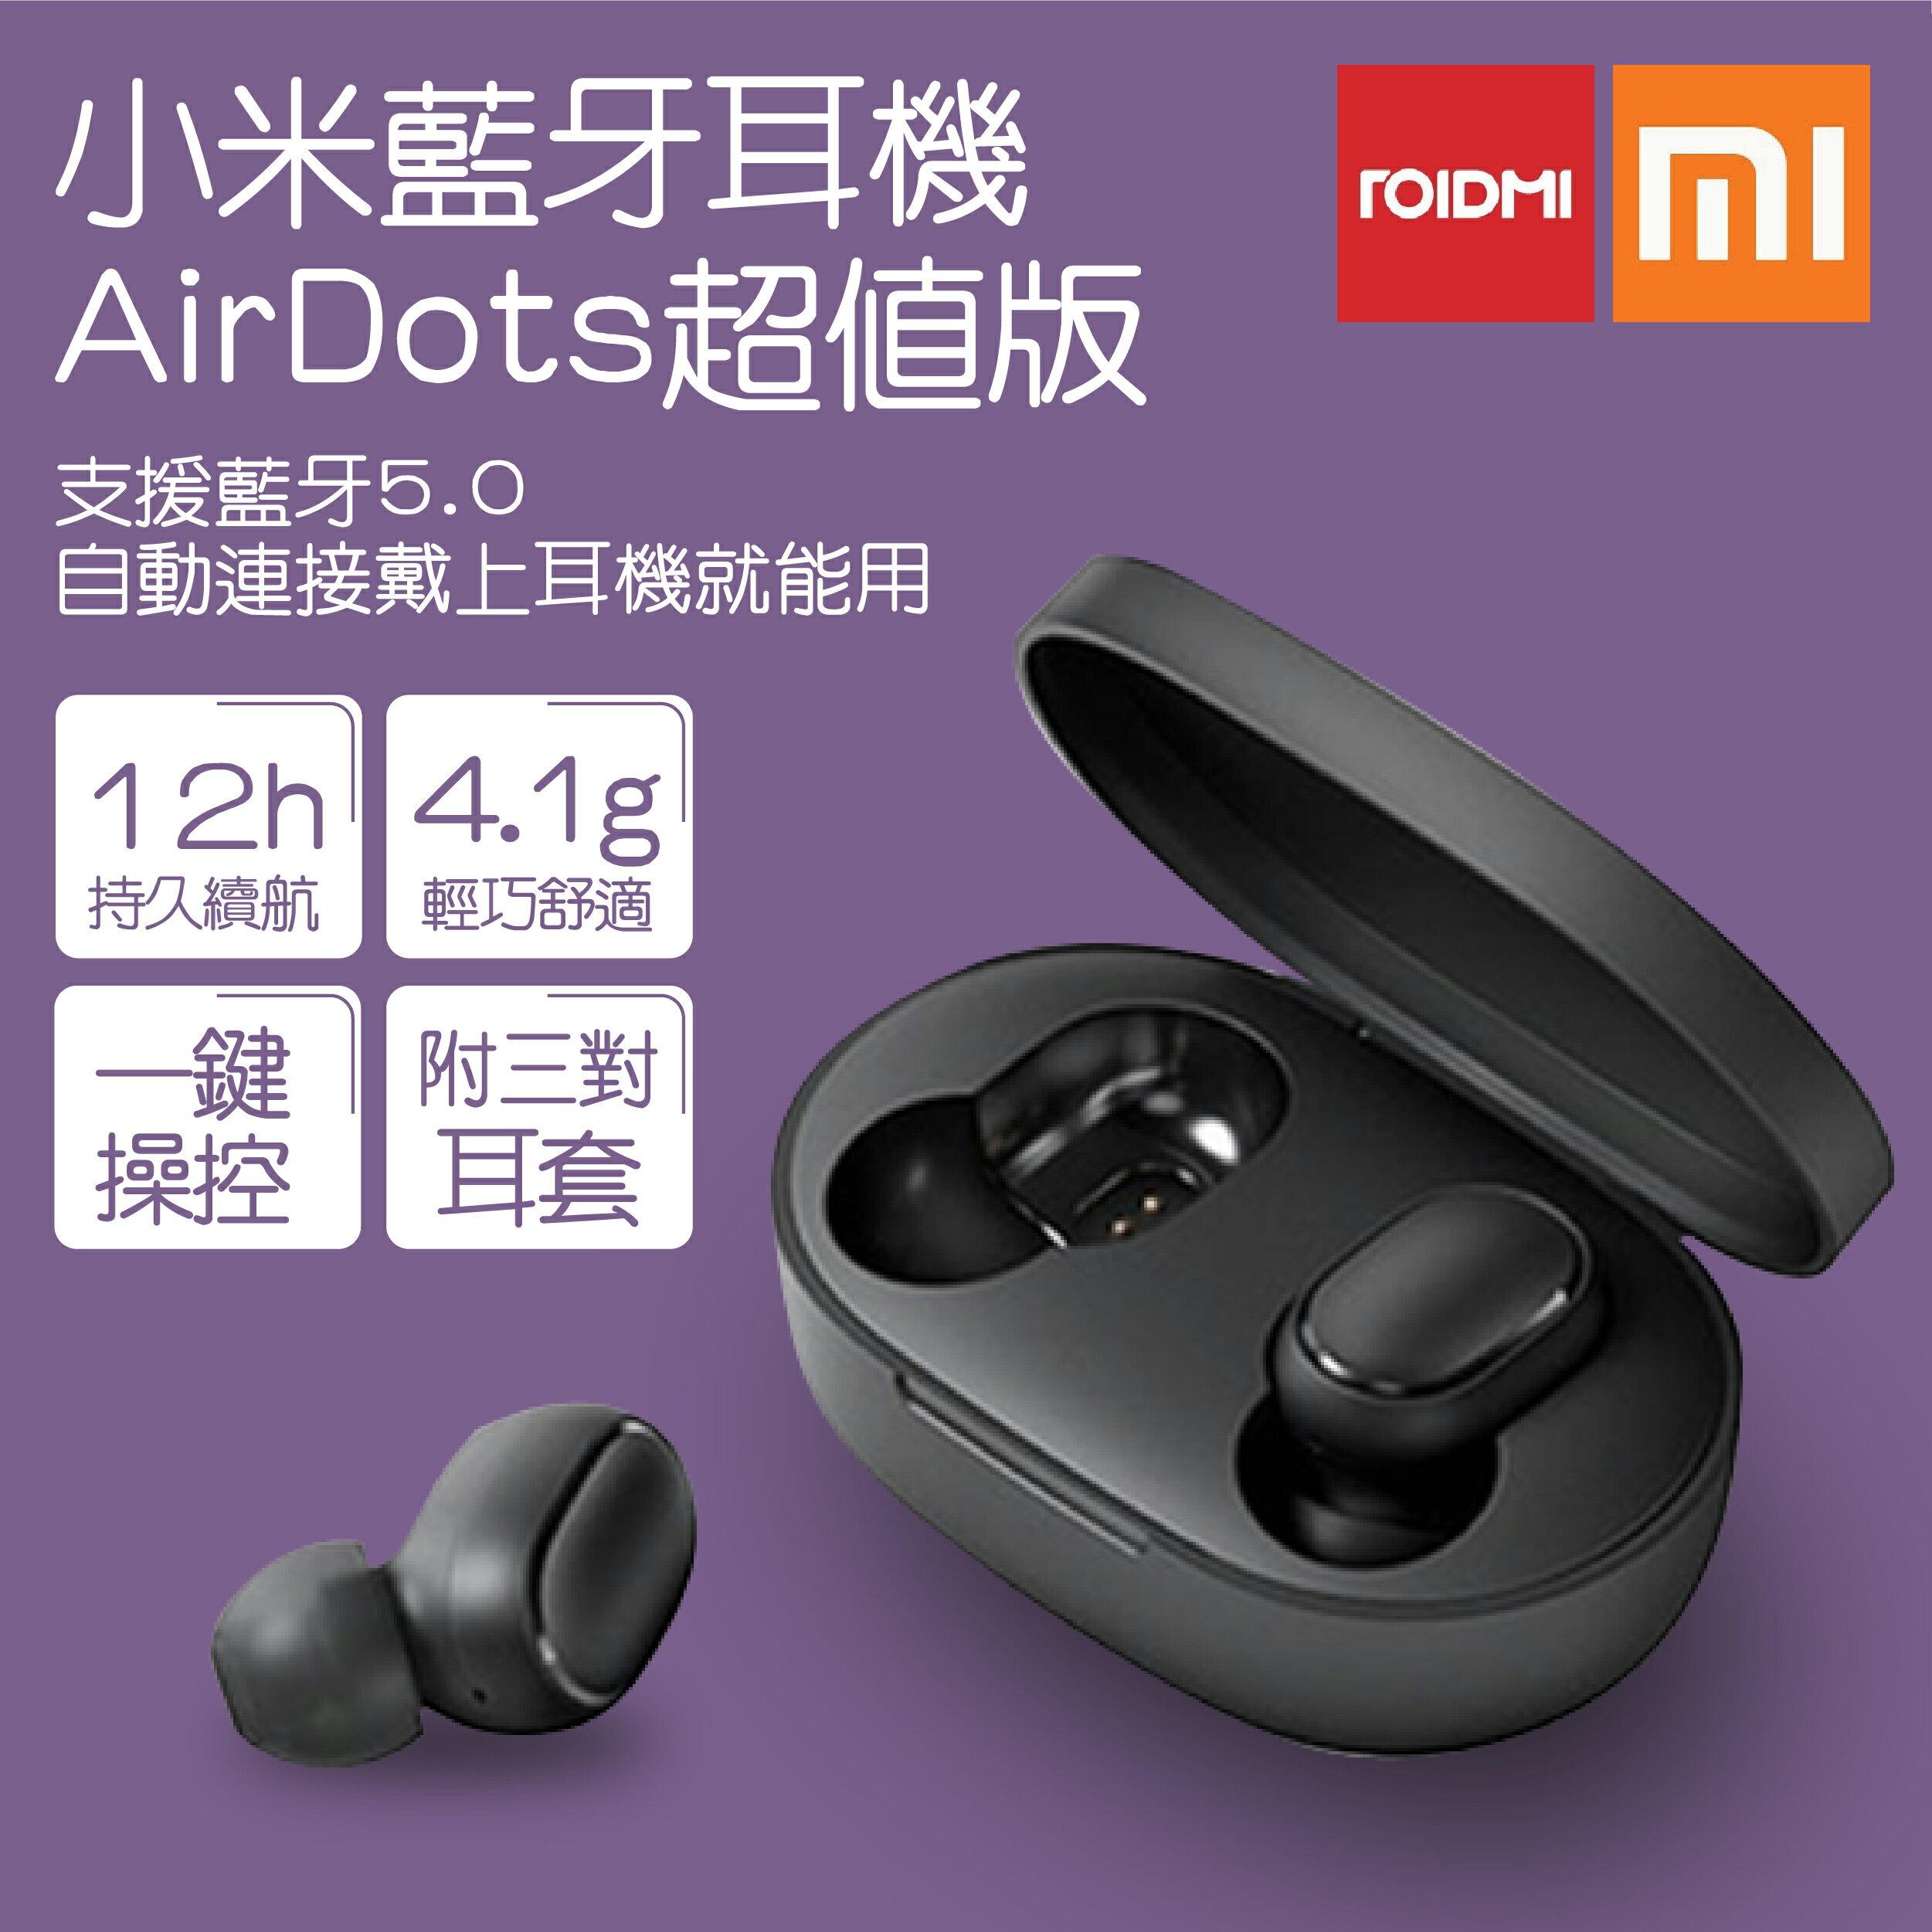 小米AirDots無線藍牙耳機 超值版 現貨供應 當天出貨 睿米Redmi 真無線藍牙耳機【coni shop】